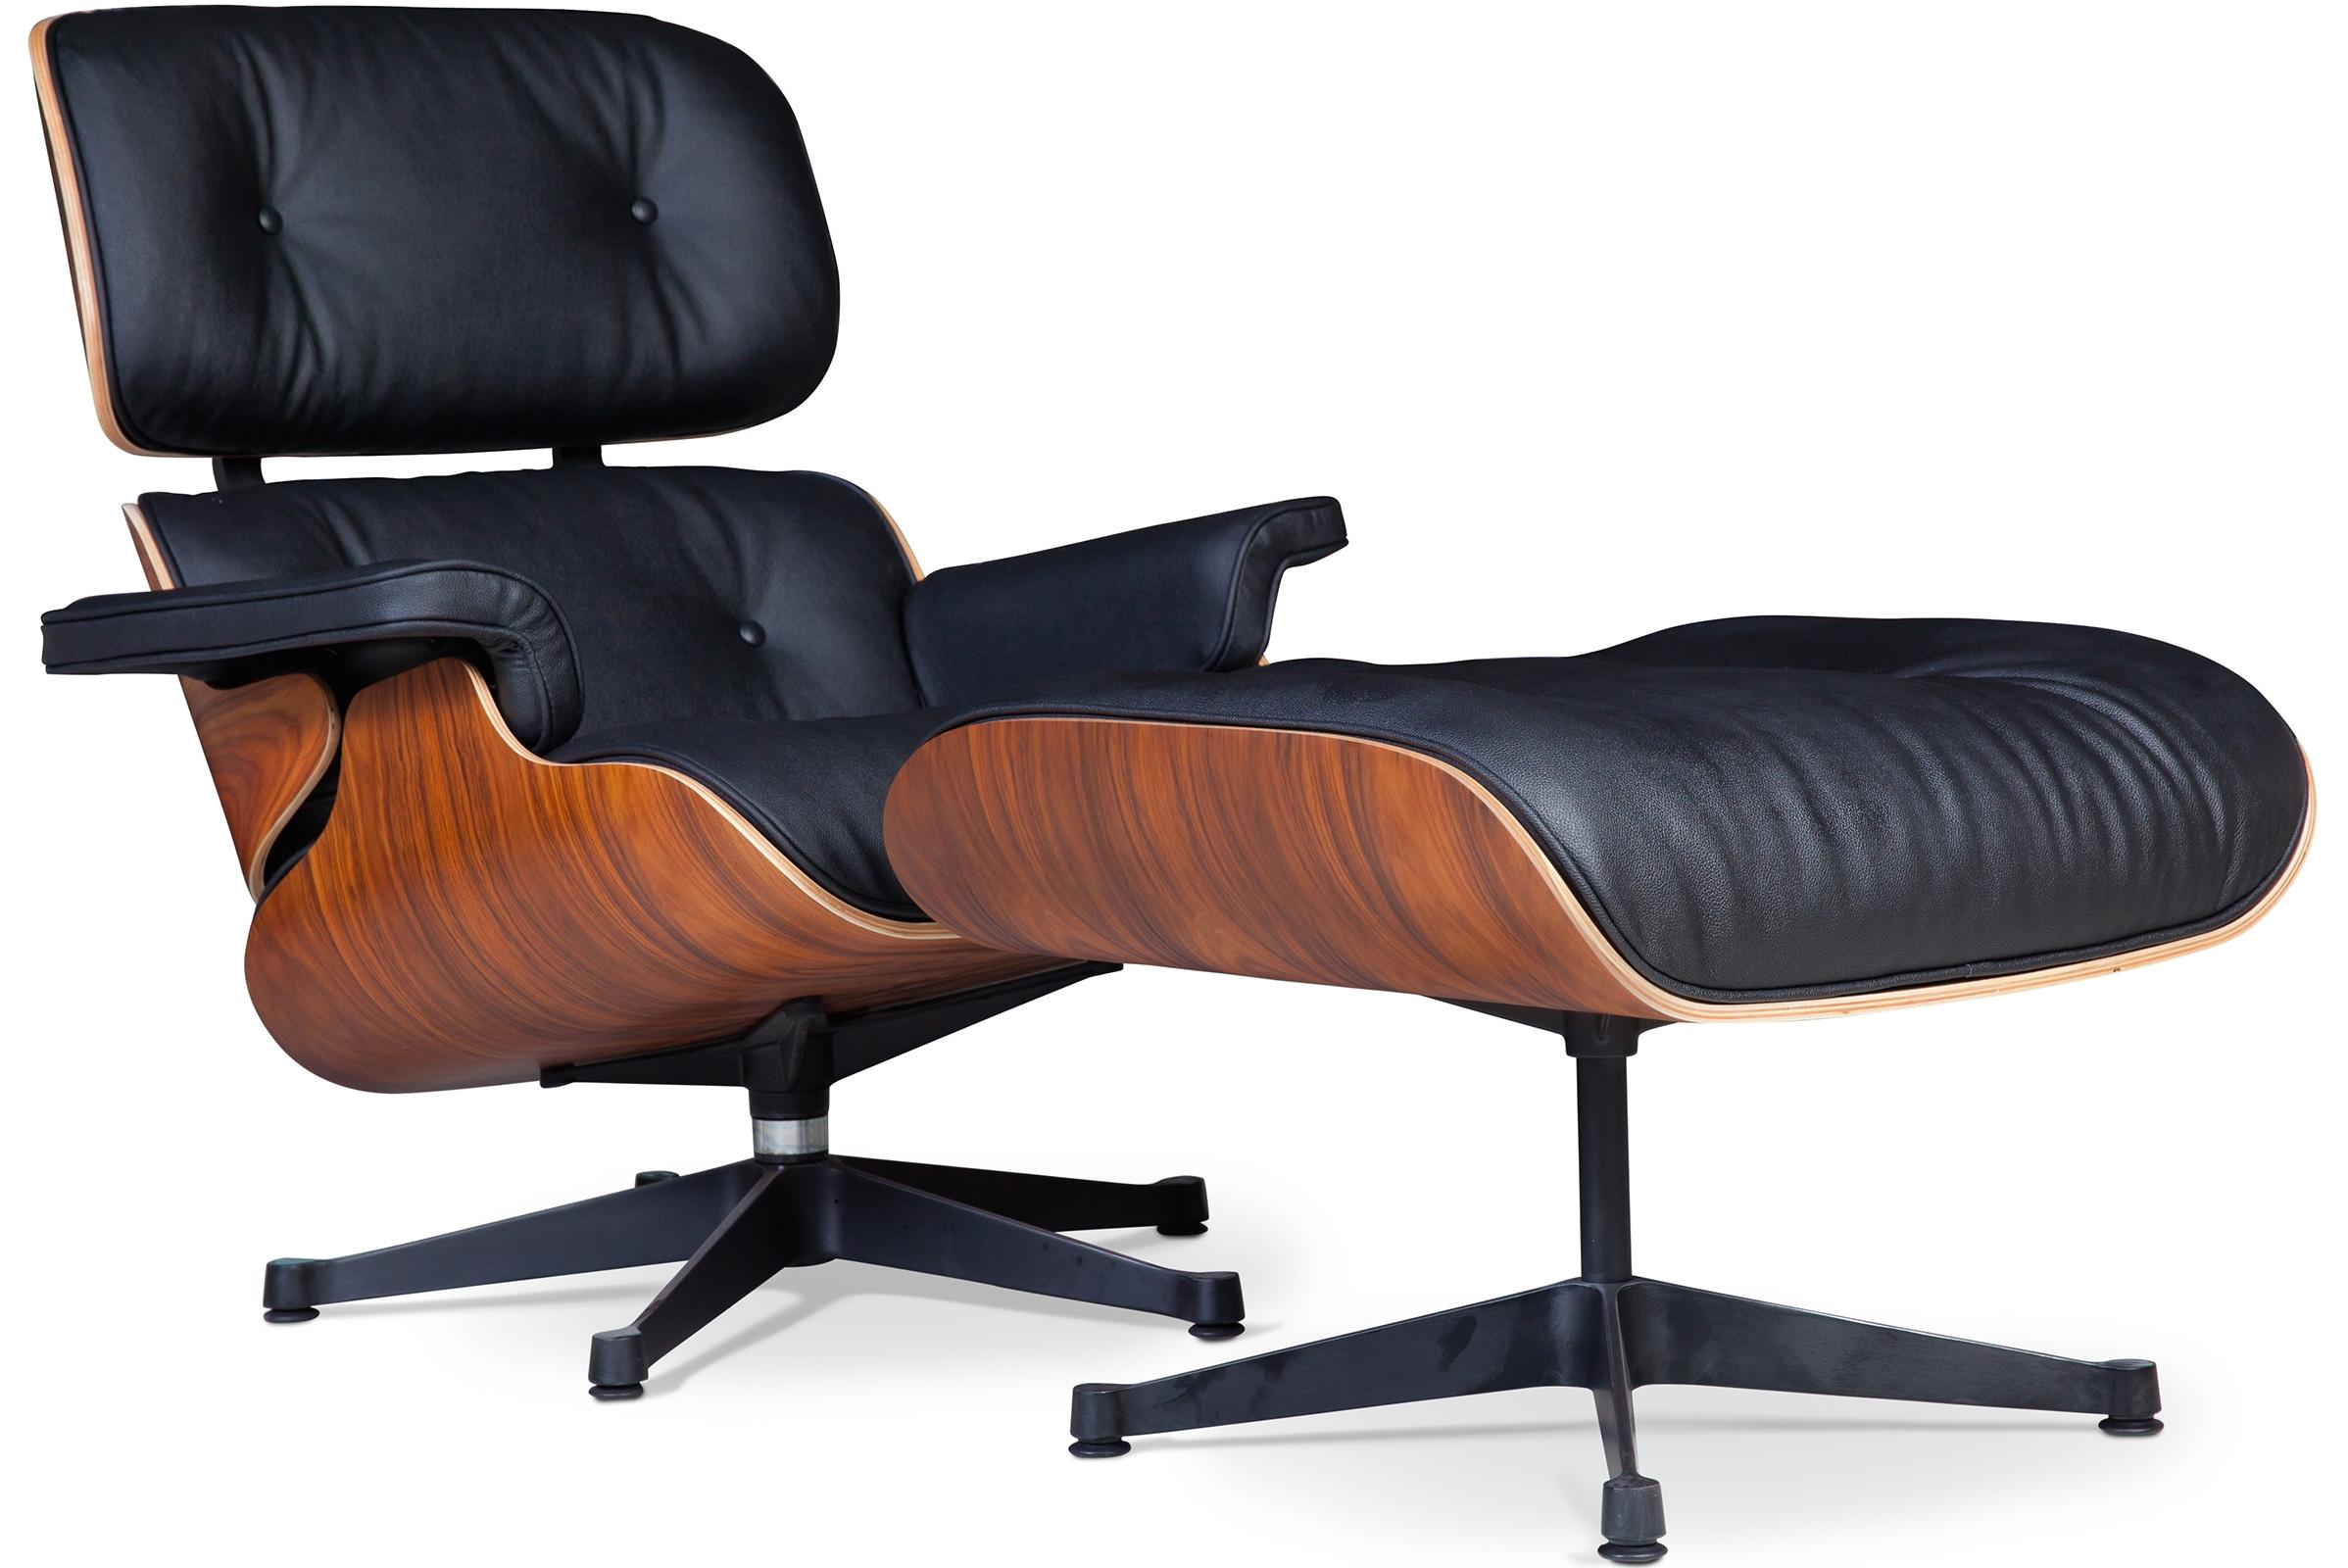 Fauteuil lounge bois de rose et cuir noir inspir charles - Salon cuir et bois ...